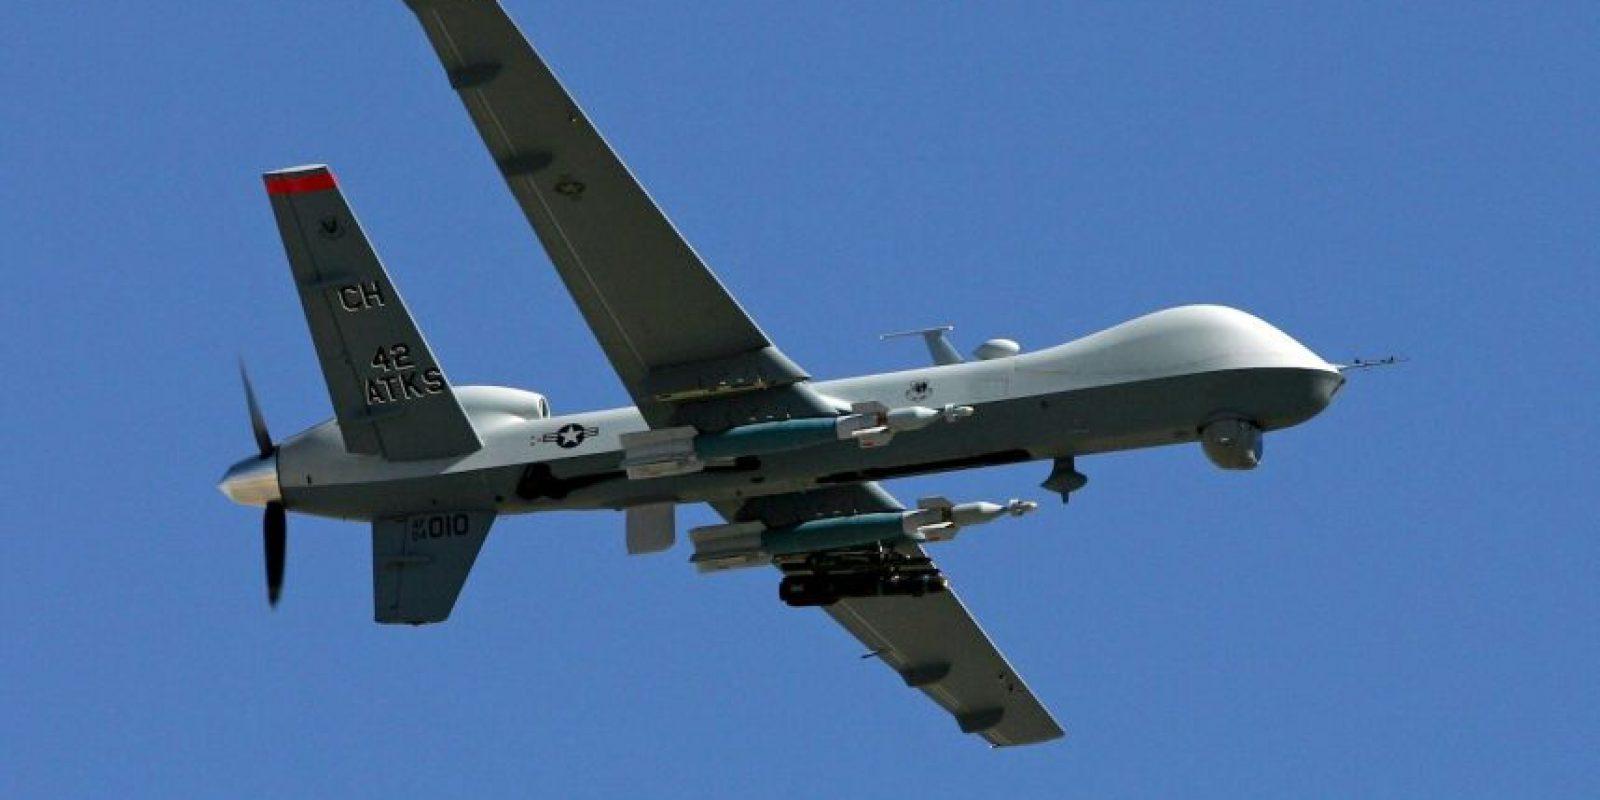 El avión se estrelló el 16 de julio. Foto:Getty Images